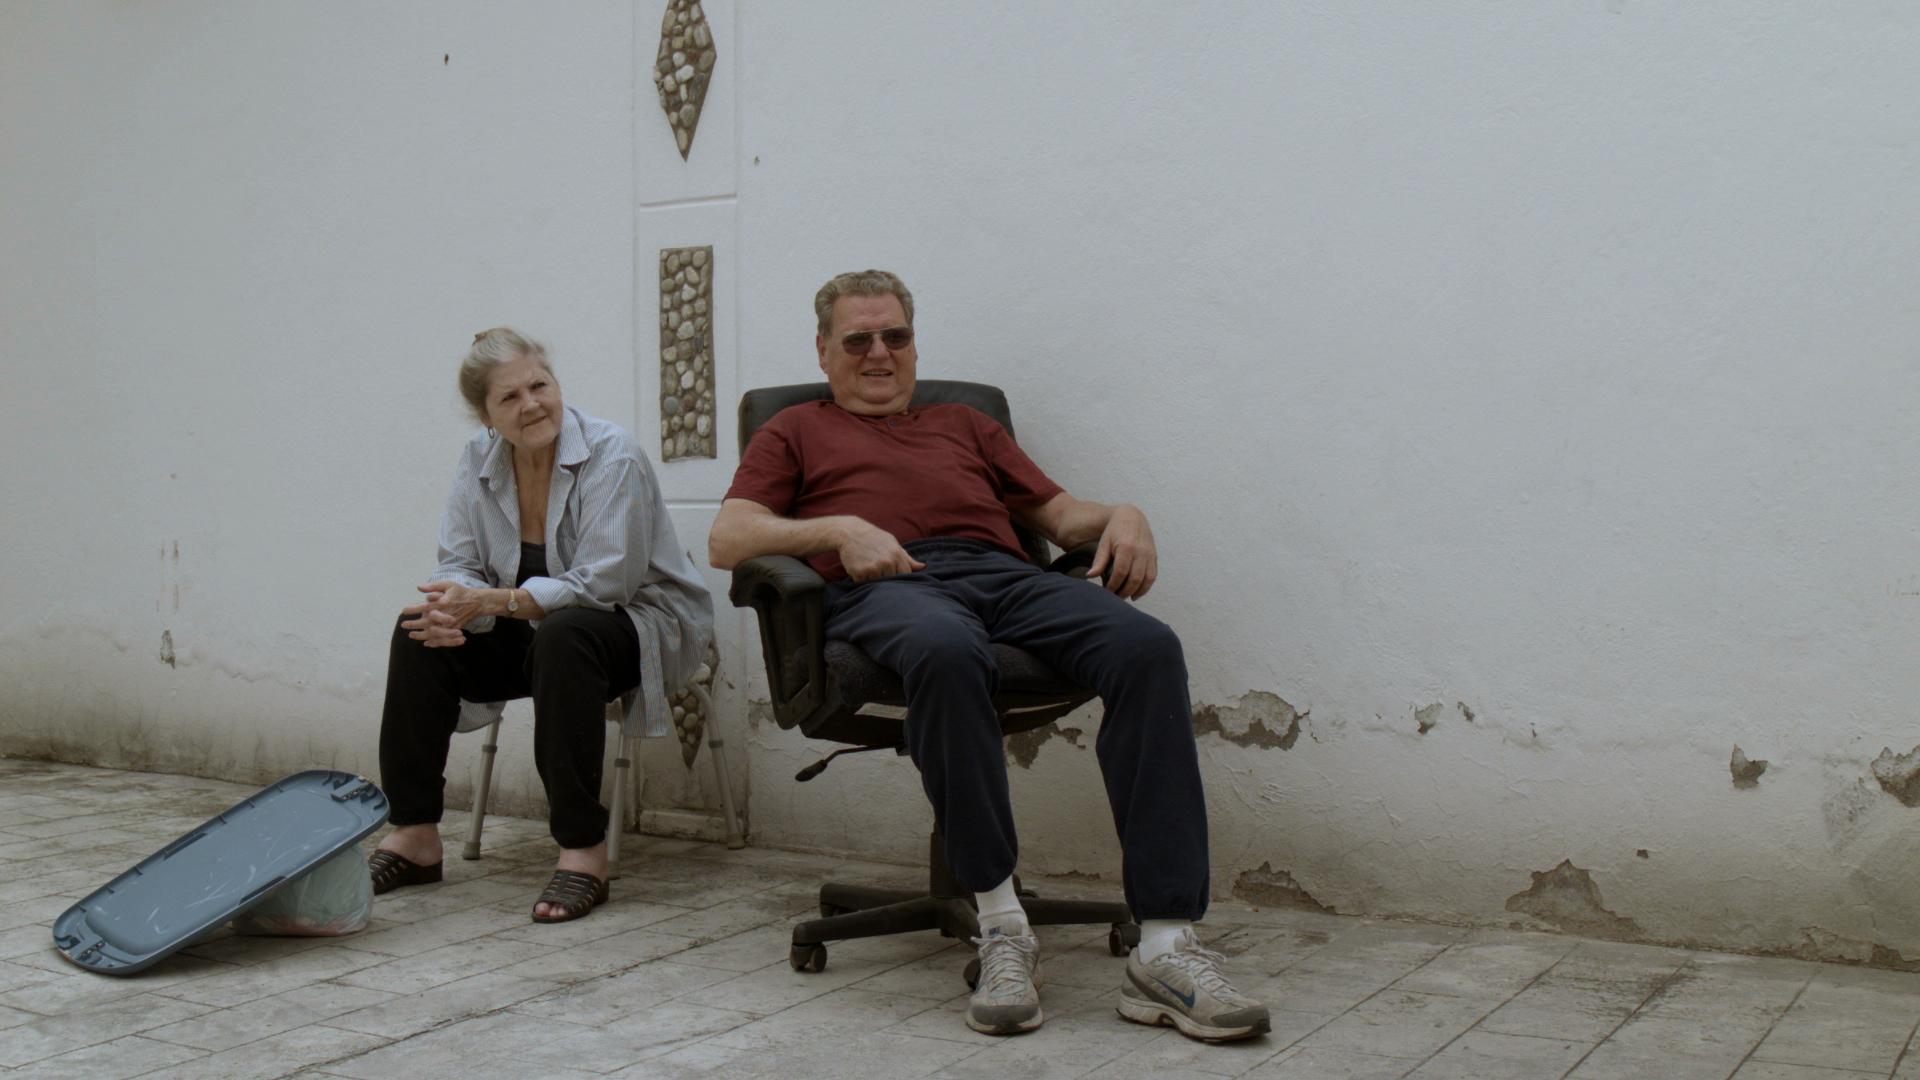 Jack ed Eileen in Country for old men di Stefano Cravero e Pietro Jona